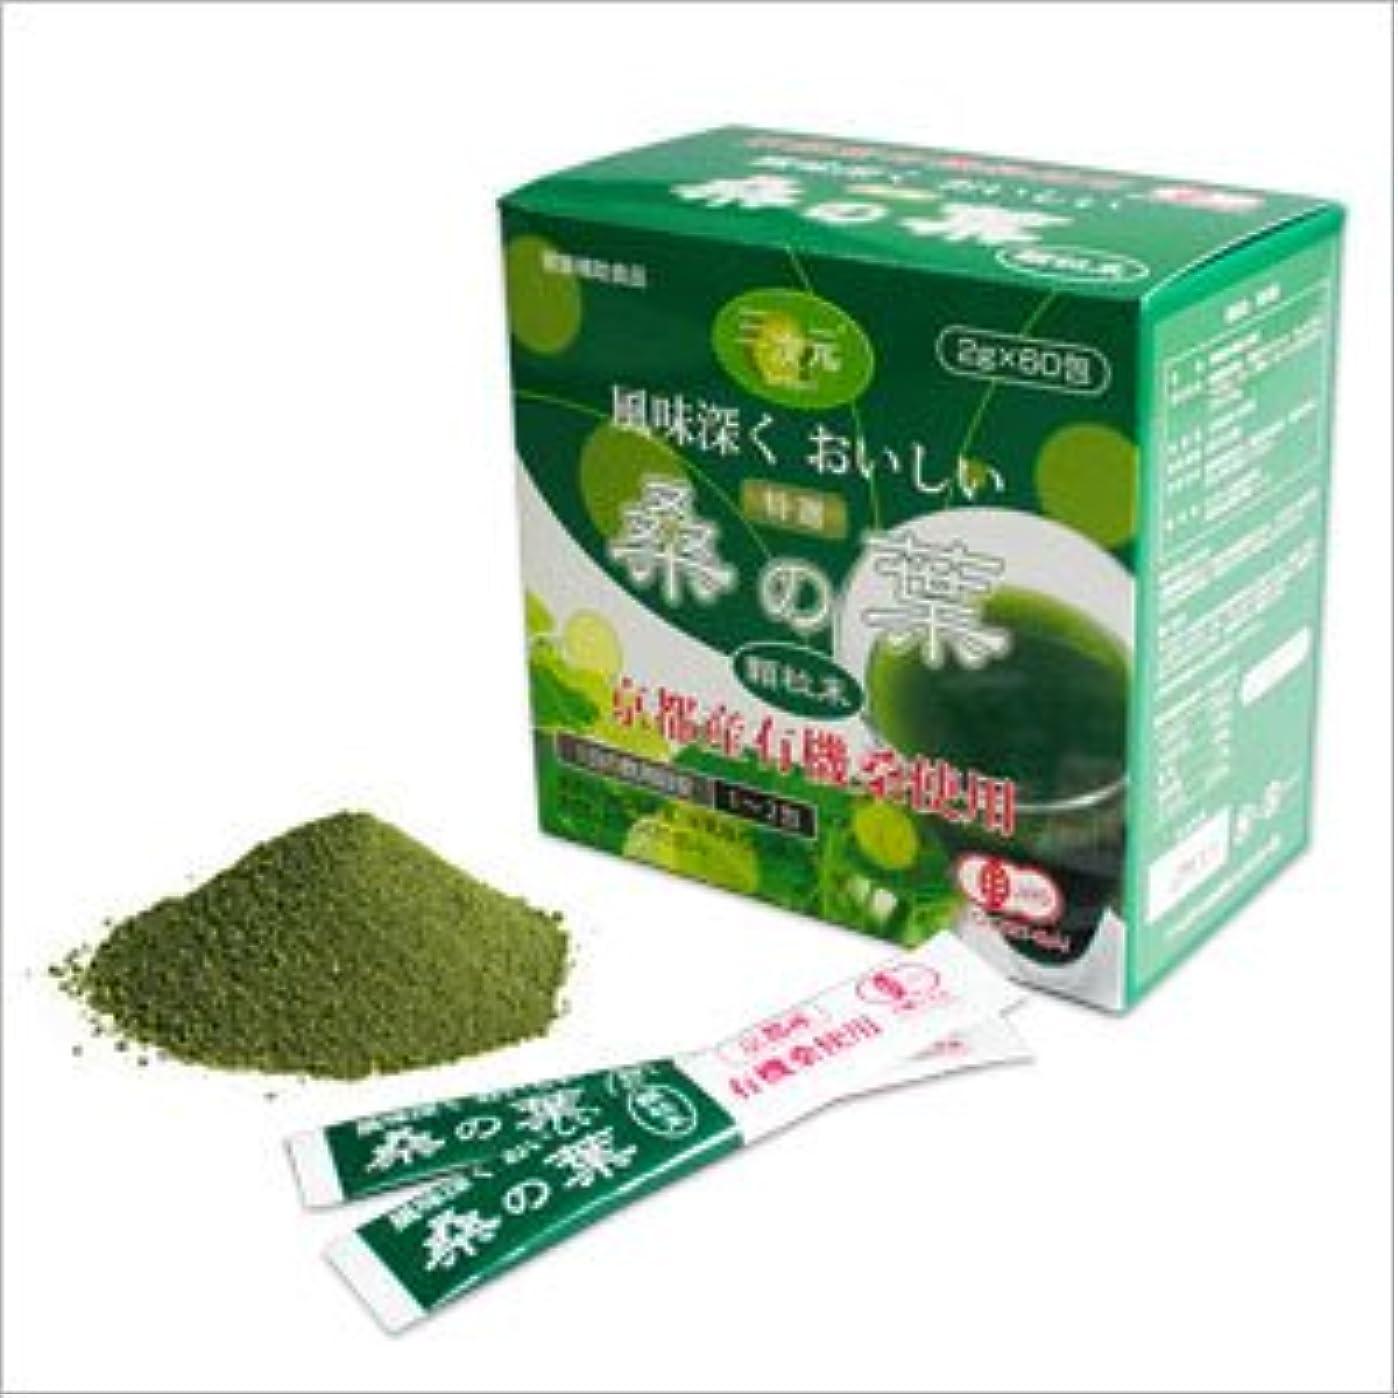 ましい吸収する泣く桑の葉 3箱セット 健康食品